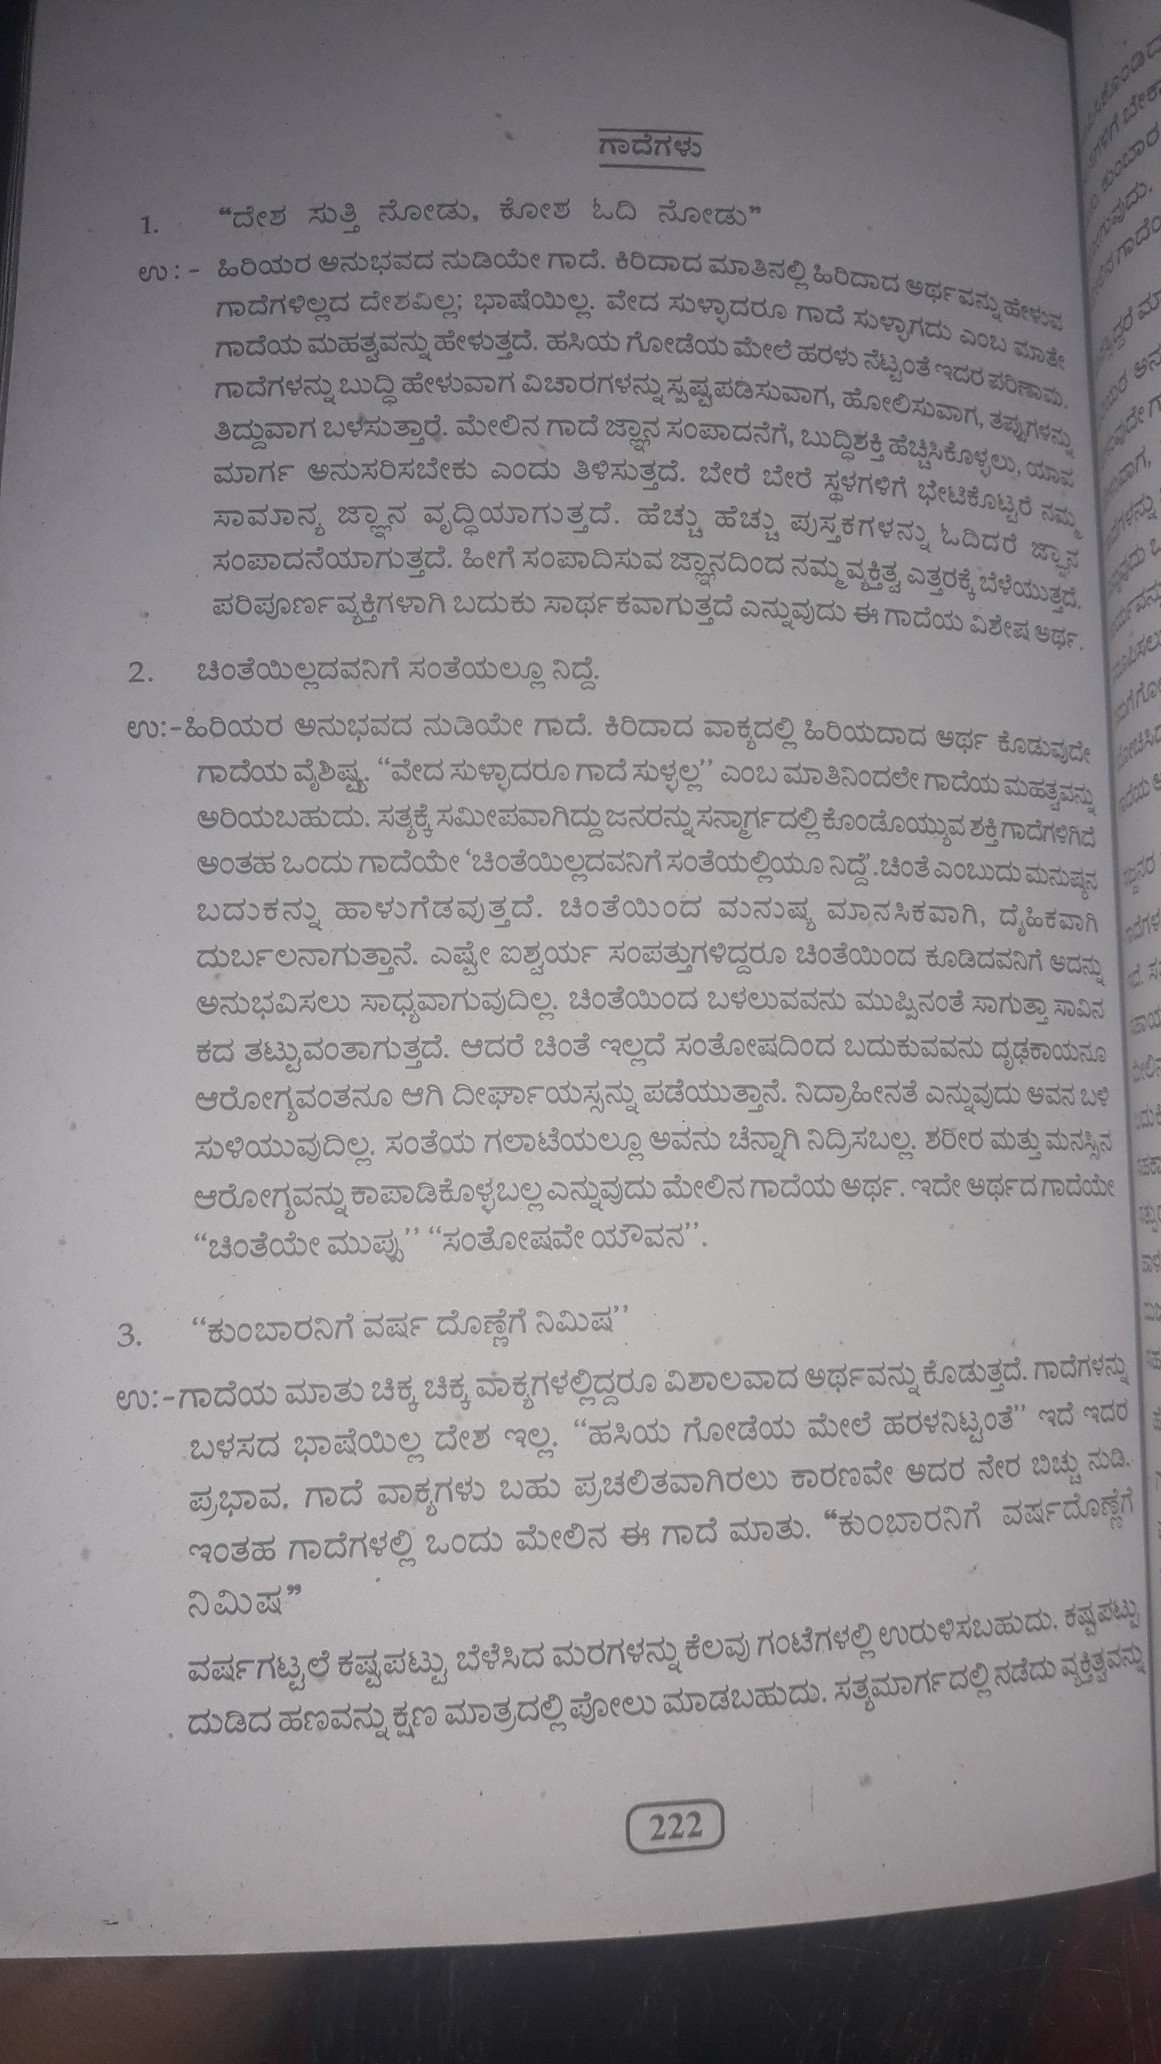 book digitale signalverarbeitung grundlagen